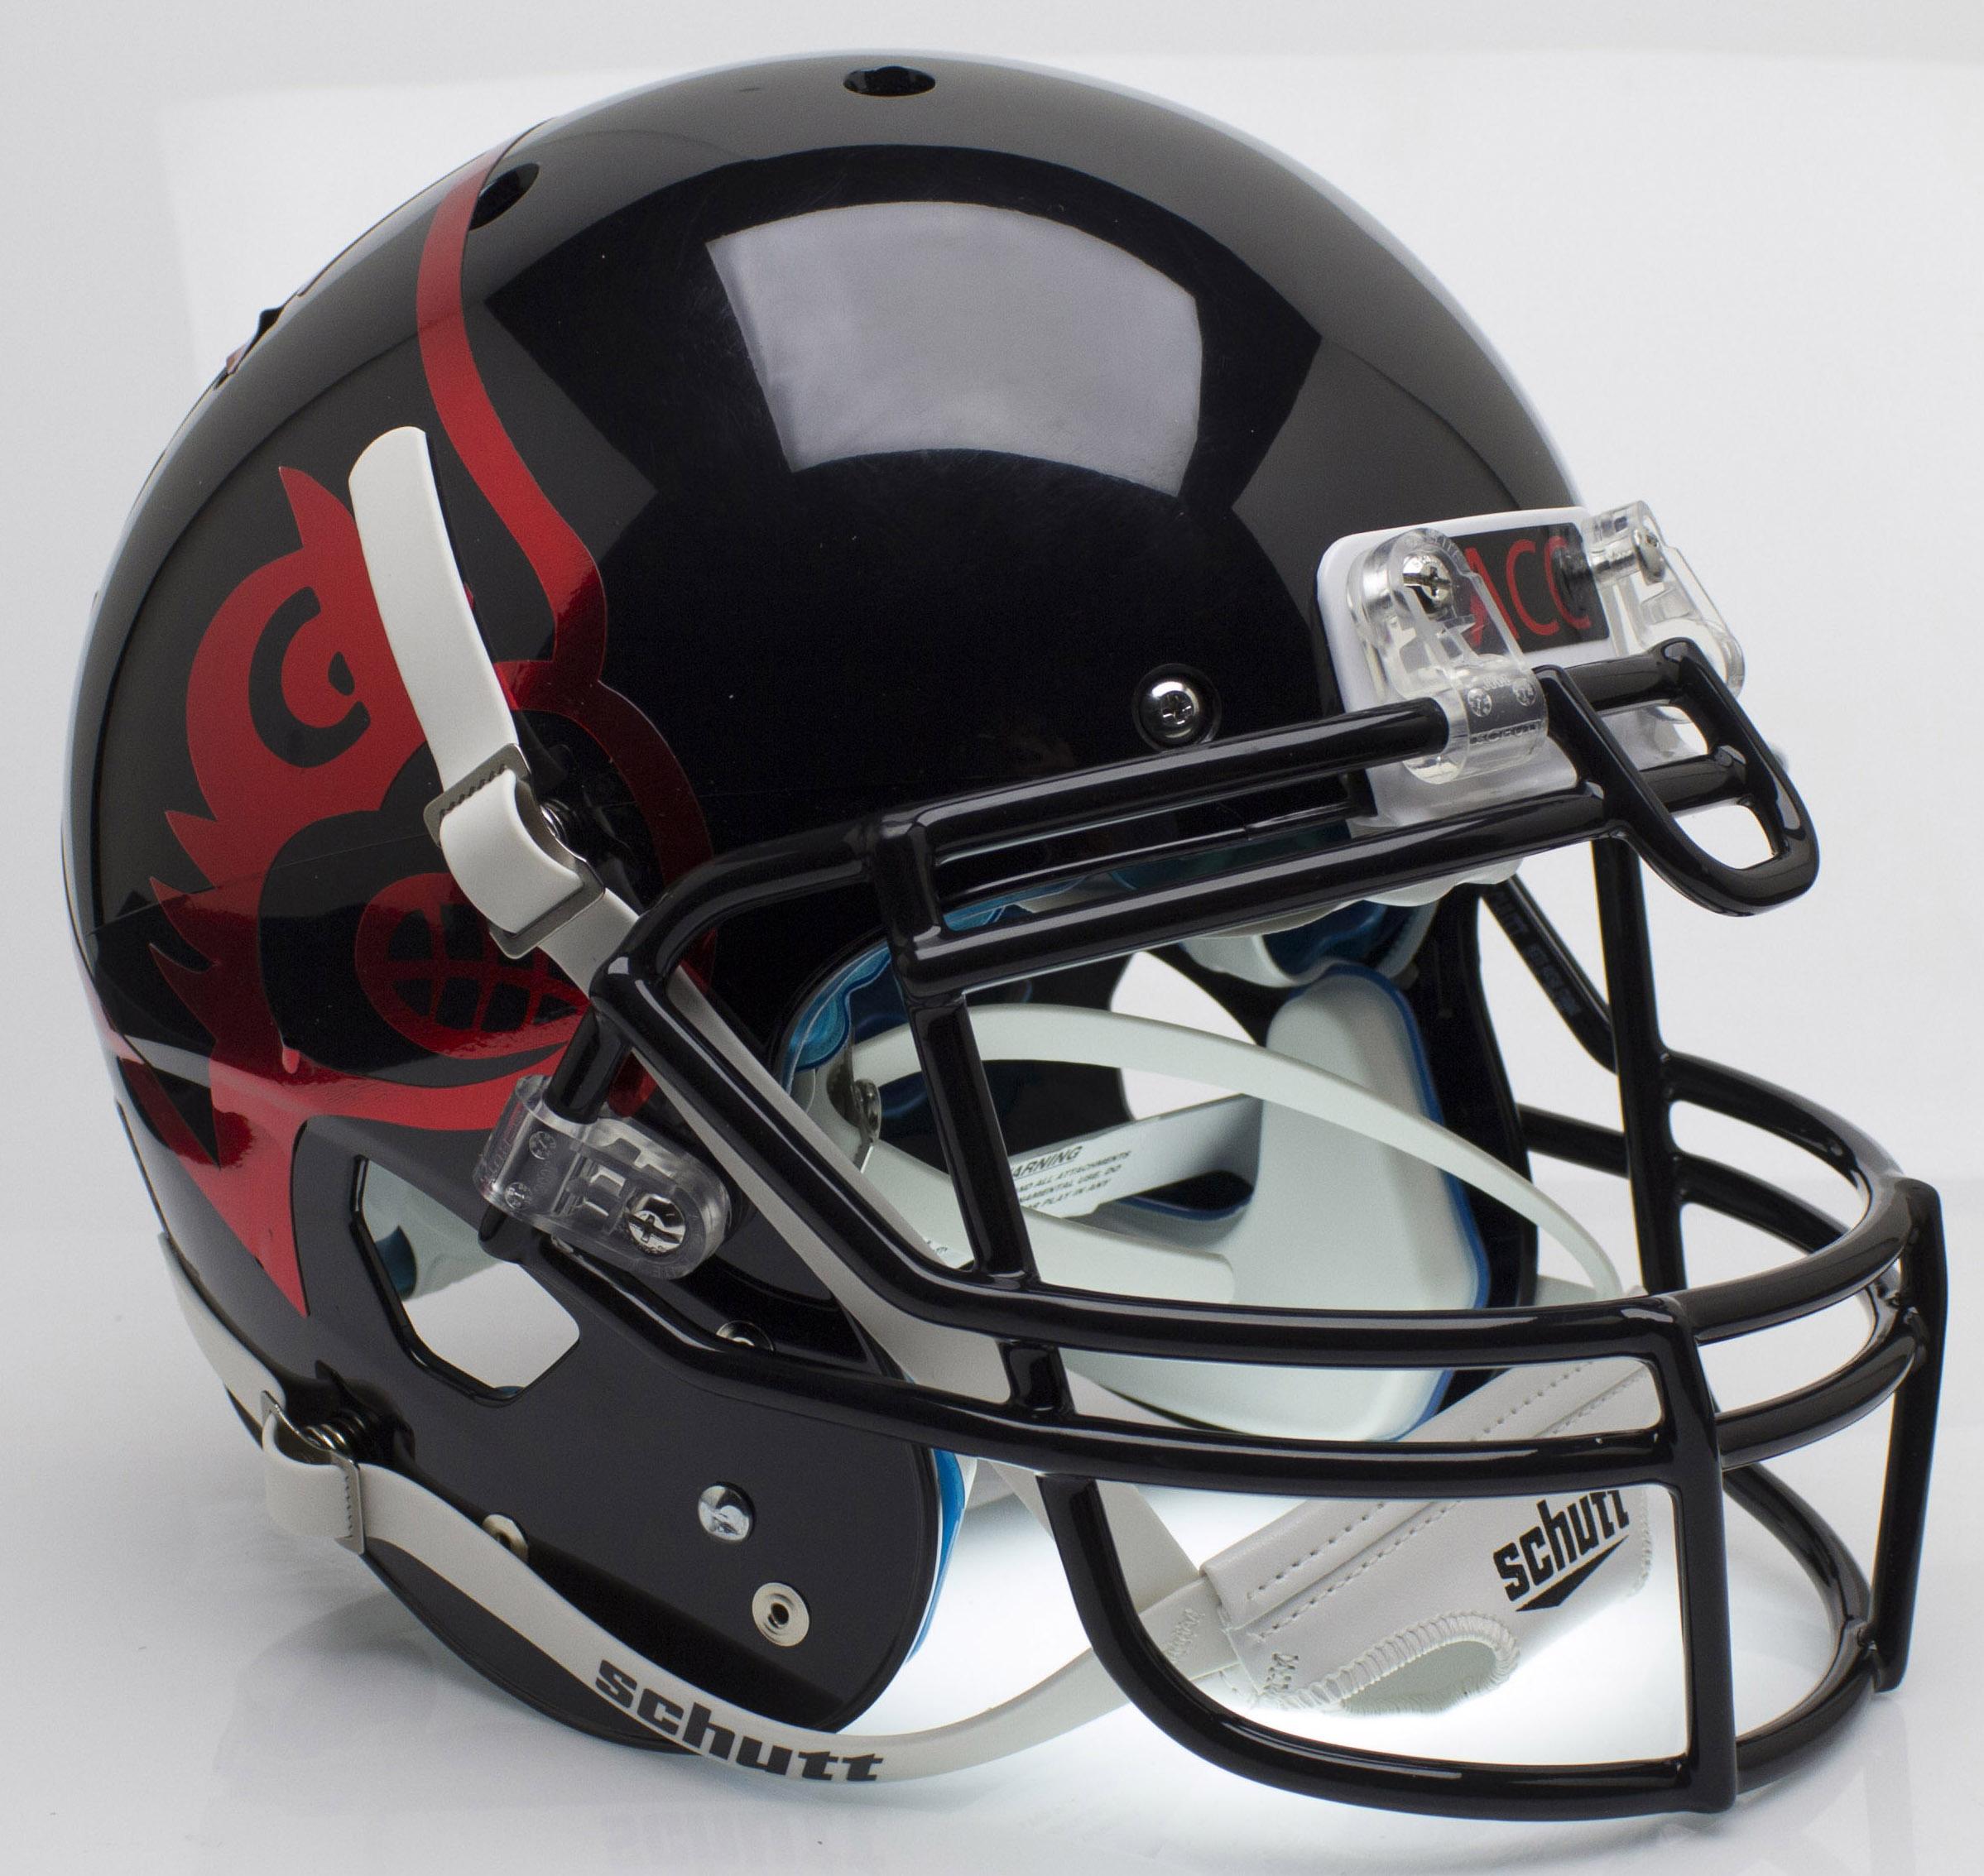 Louisville Cardinals Authentic College XP Football Helmet Schutt <B>Black</B>